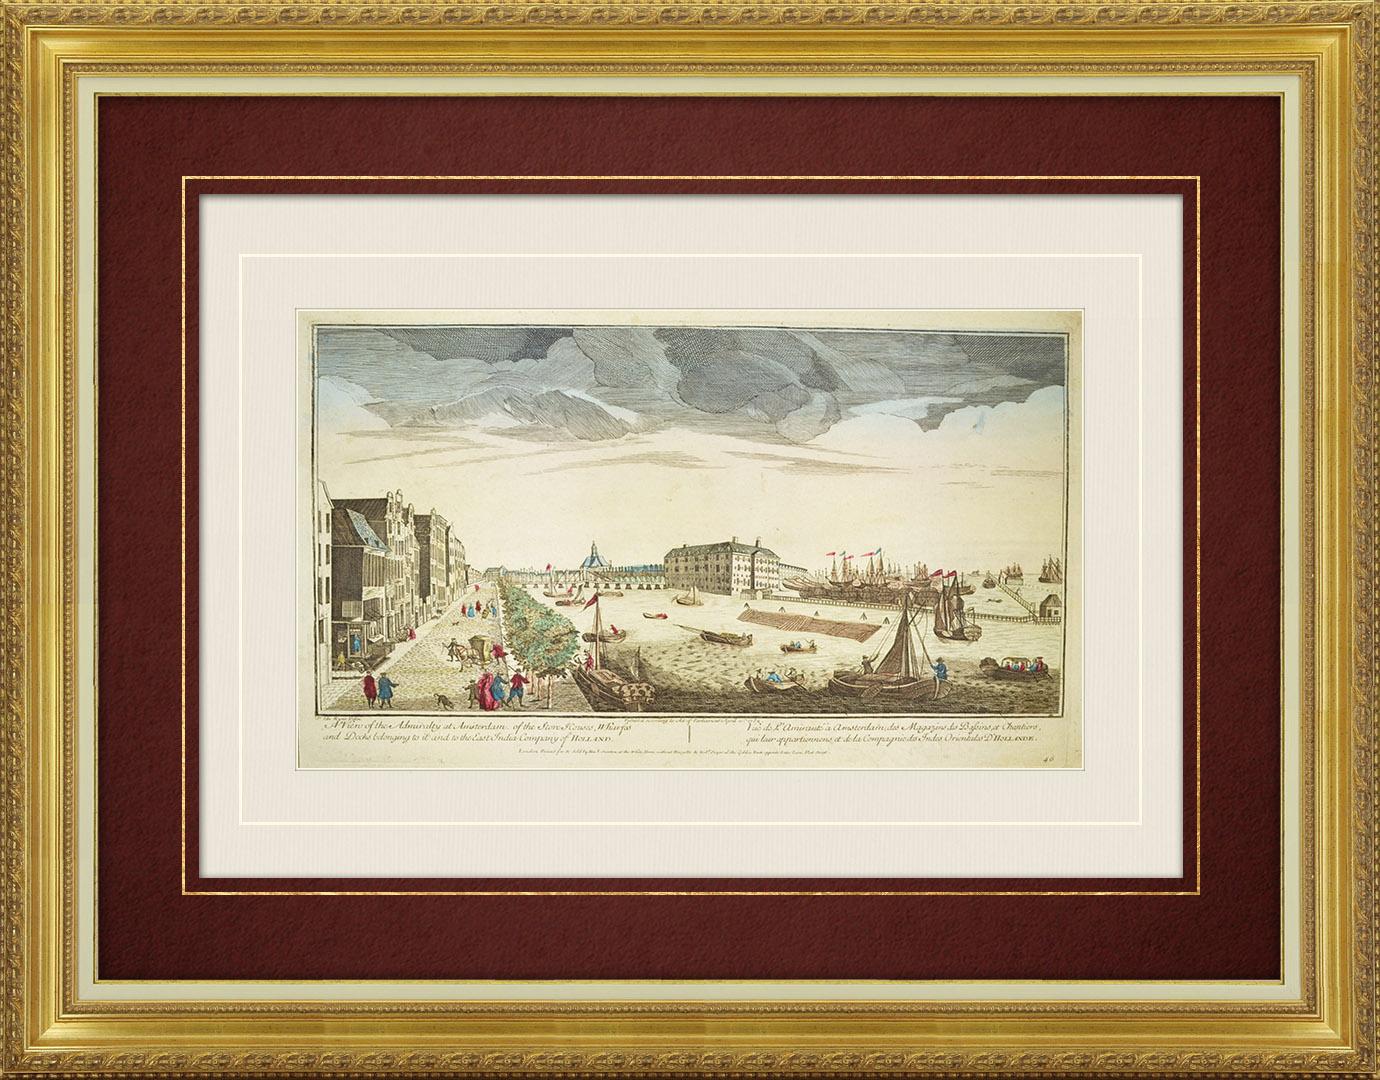 Vue d'optique du 18e siècle en coloris d'époque de la Compagnie des Indes Orientales à Amsterdam (Hollande)